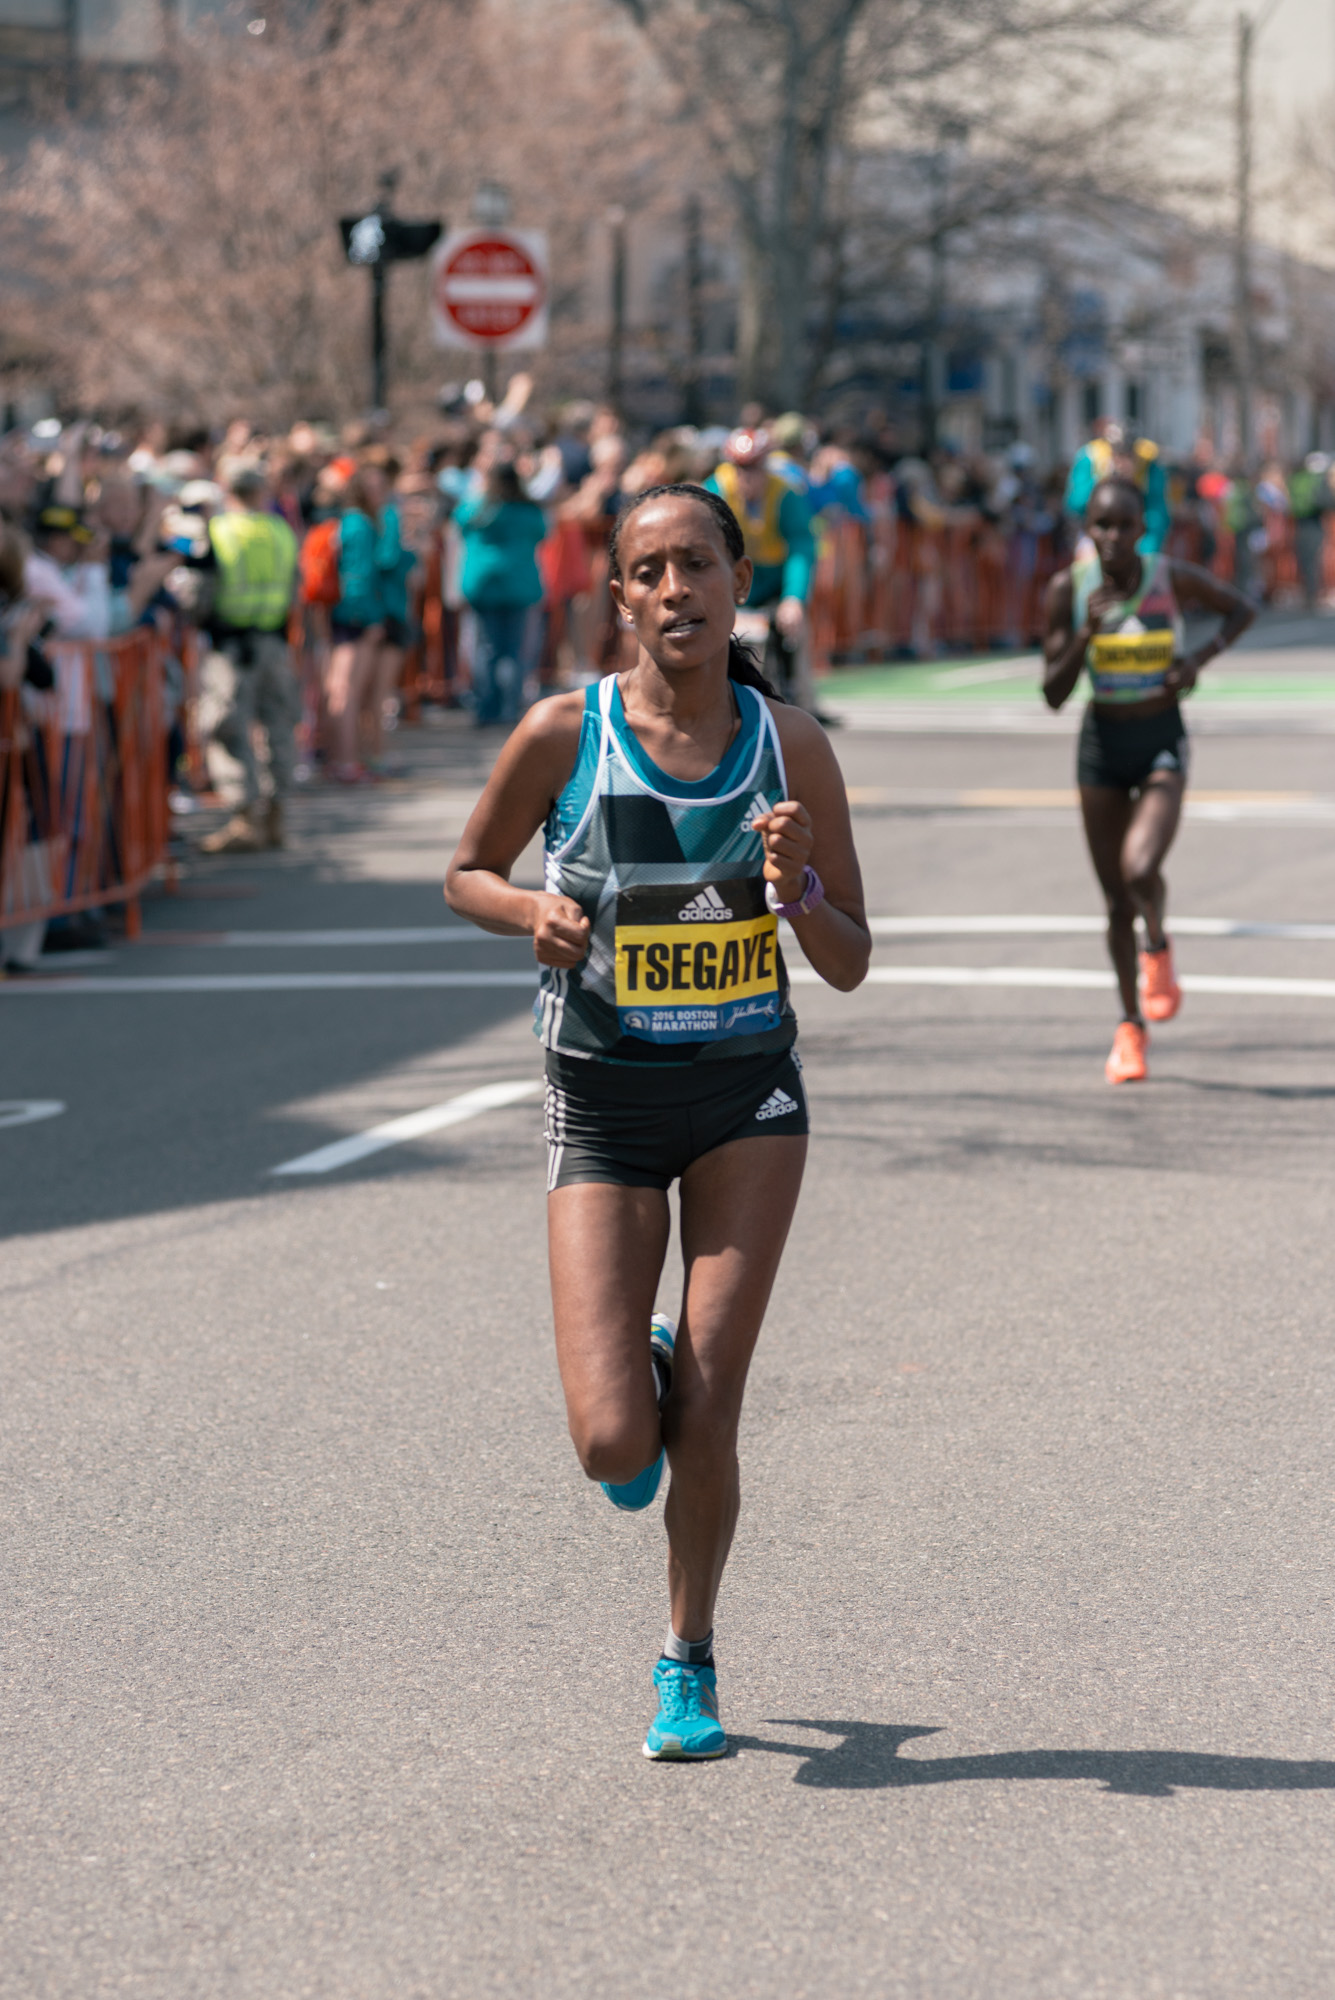 Tirfi Tsegaye -2nd place